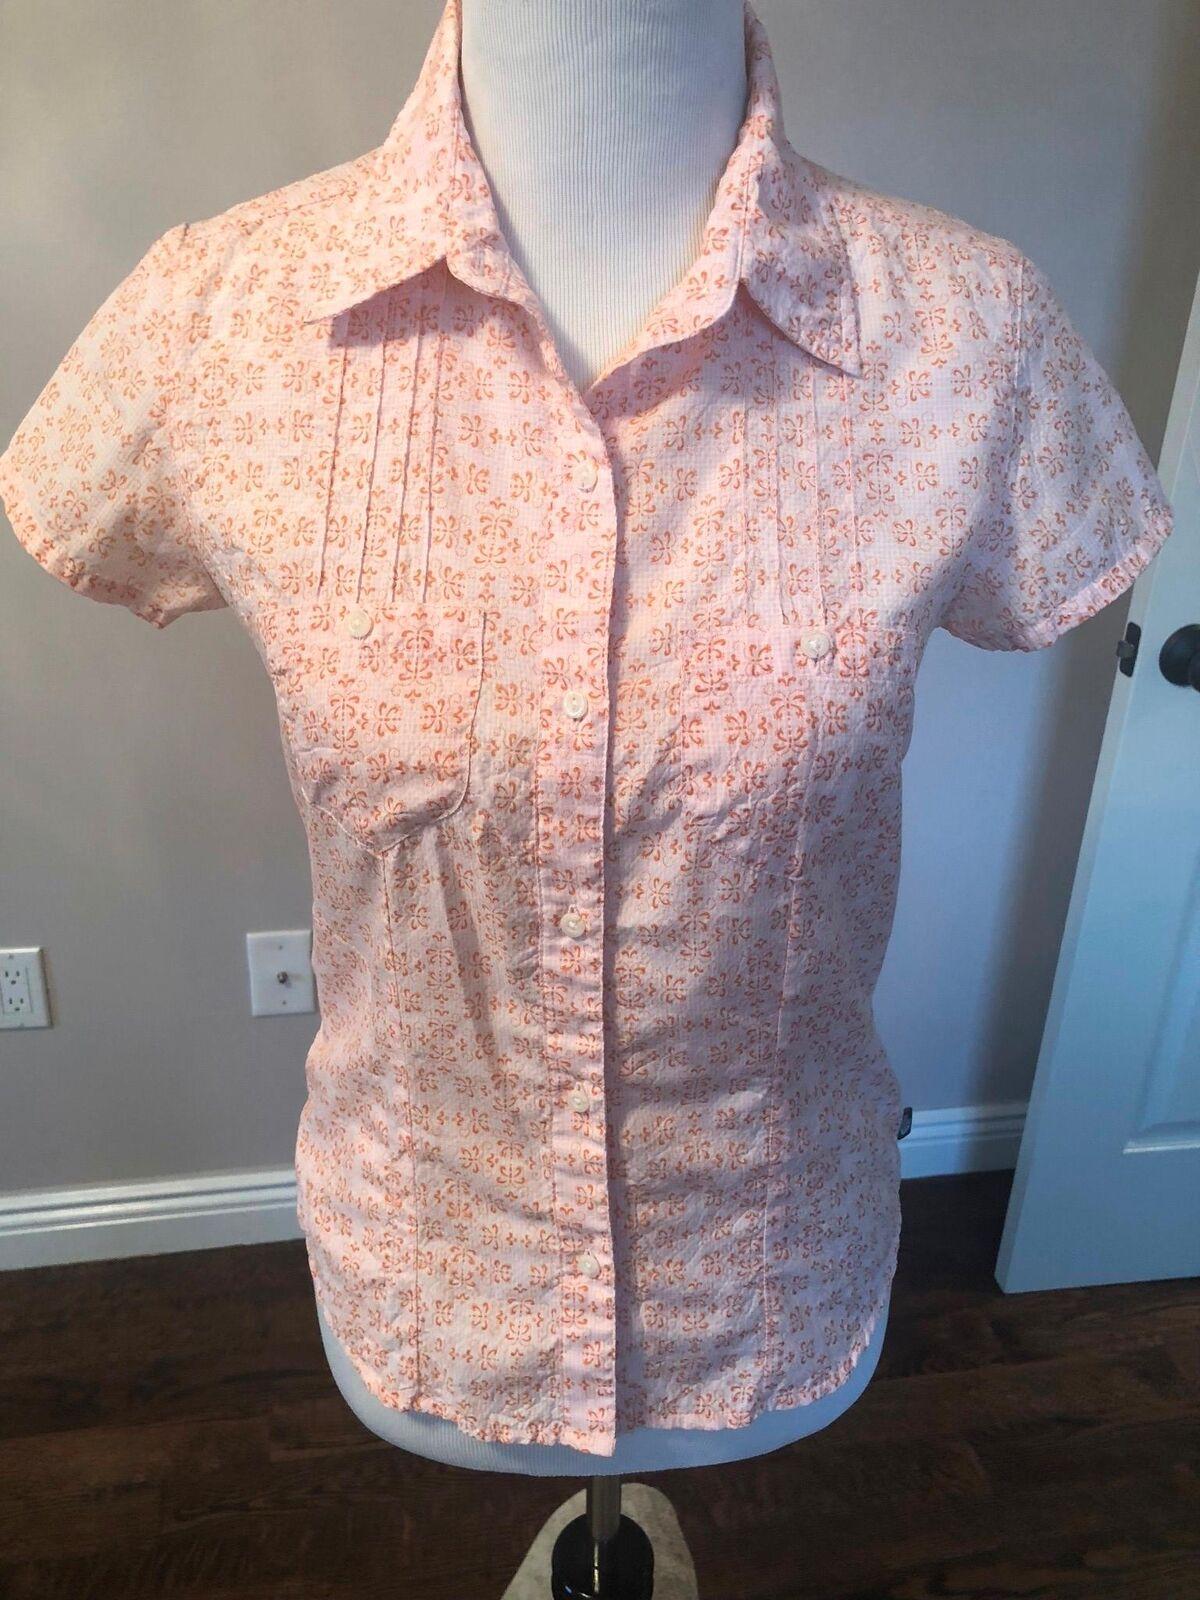 NWOT THE NORTH FACE Peach Fleur de Lis Fitted Shirt Blouse SZ S P